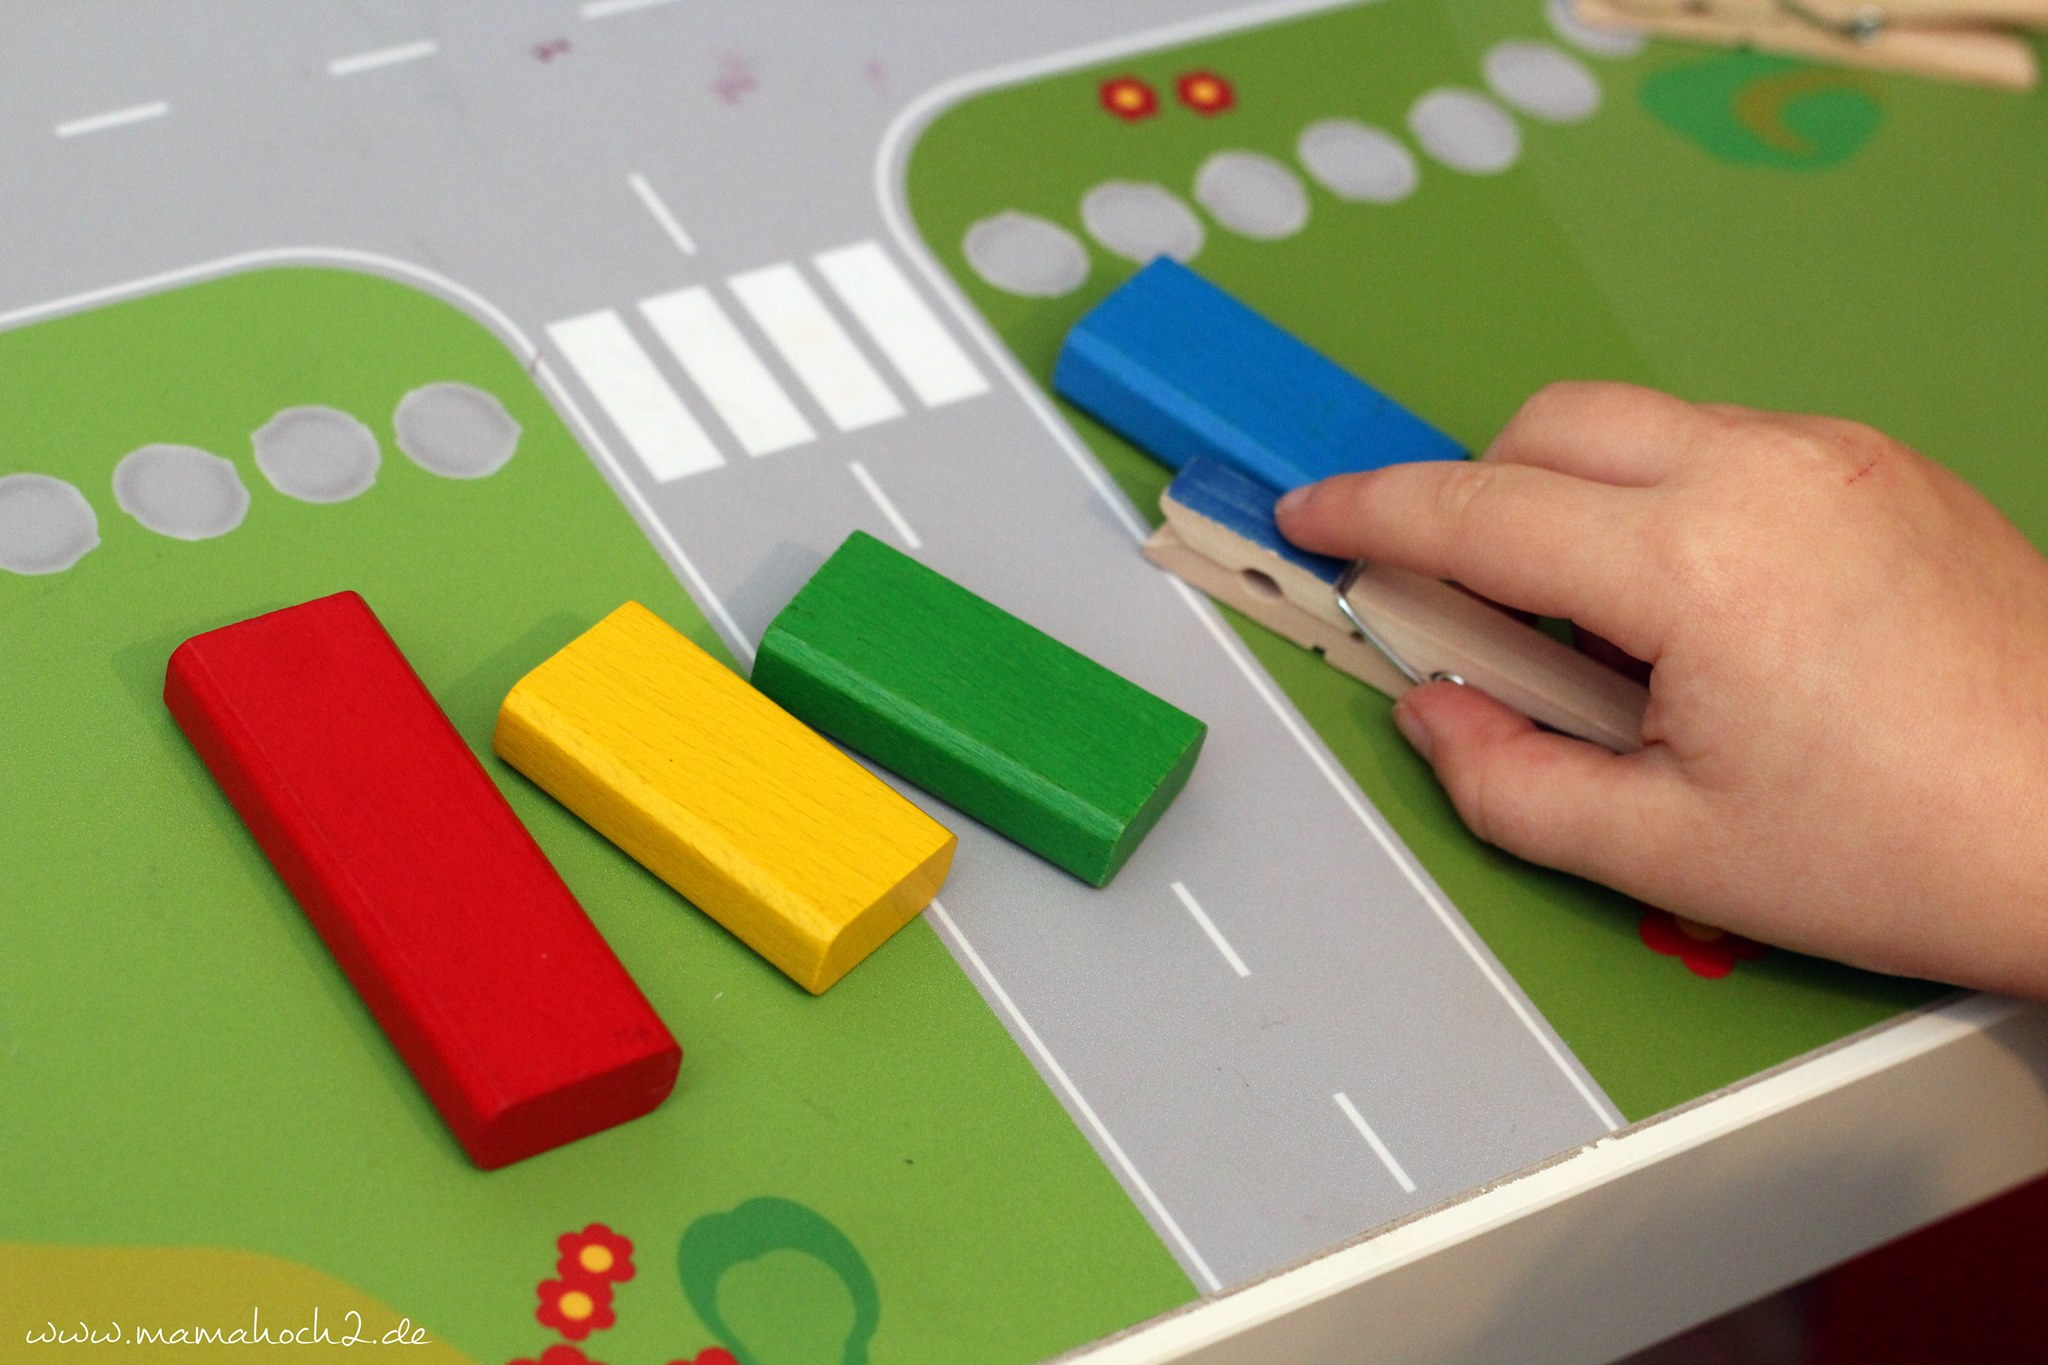 sch n montessori spielzeug f r kleinkinder selber machen. Black Bedroom Furniture Sets. Home Design Ideas